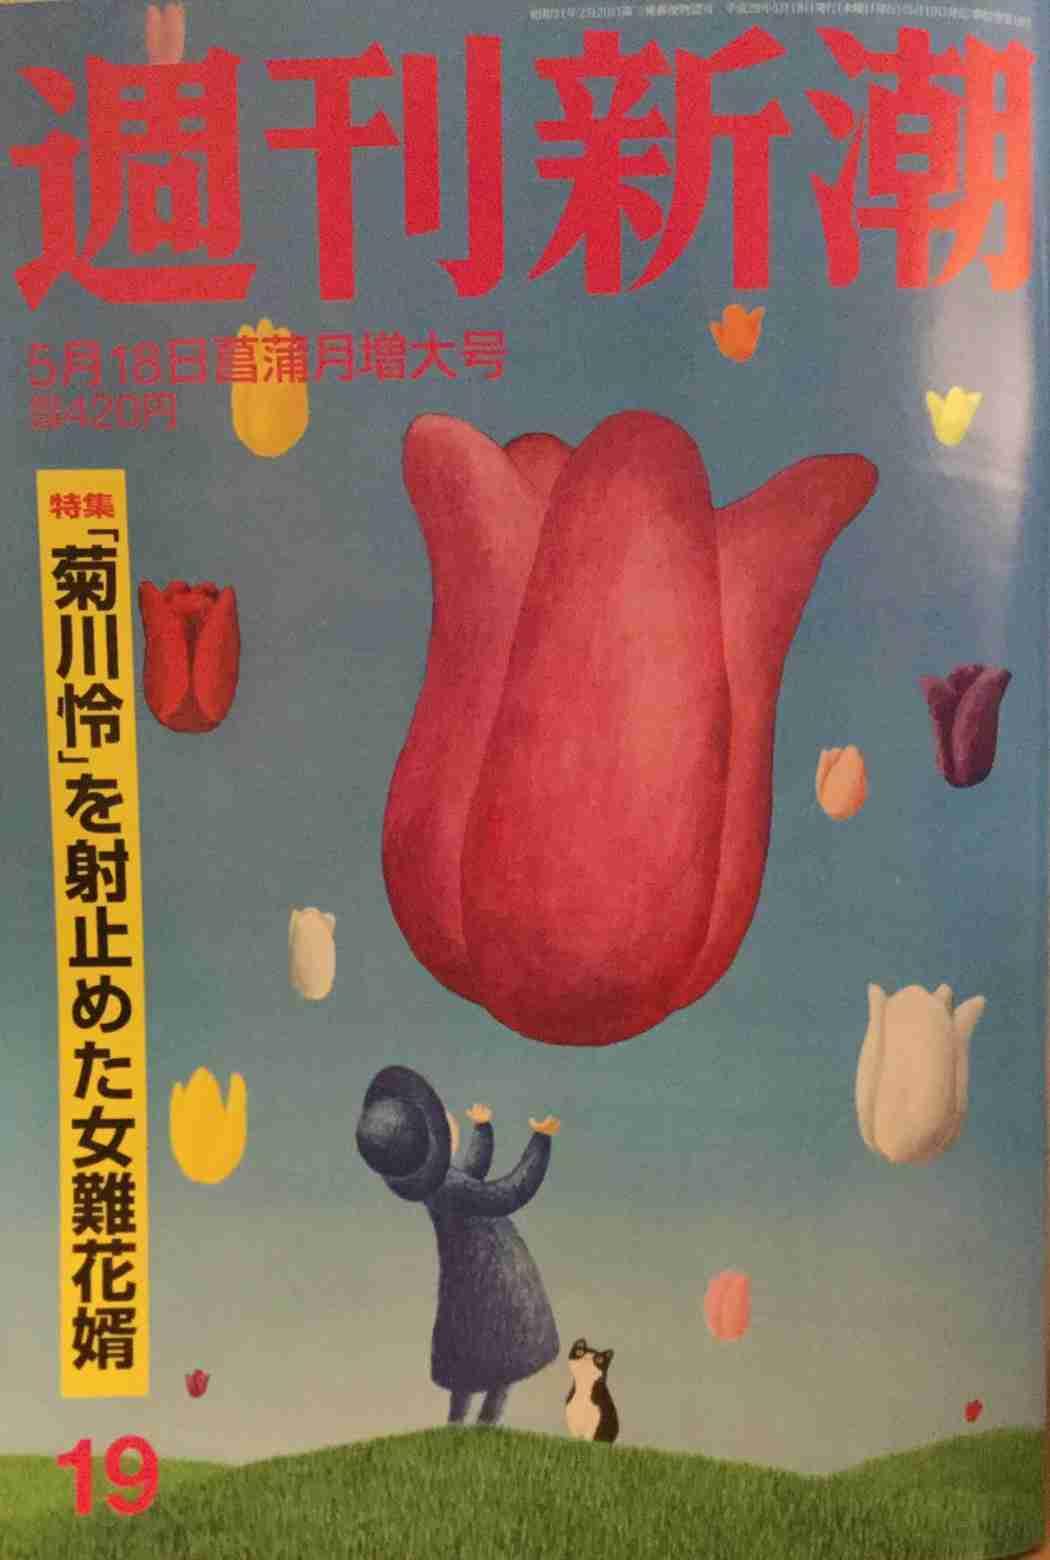 「週刊新潮」掲載のピースワンコ・ジャパンの記事について   杉本彩オフィシャルブログ 杉本彩のBeauty ブログ Powered by Ameba